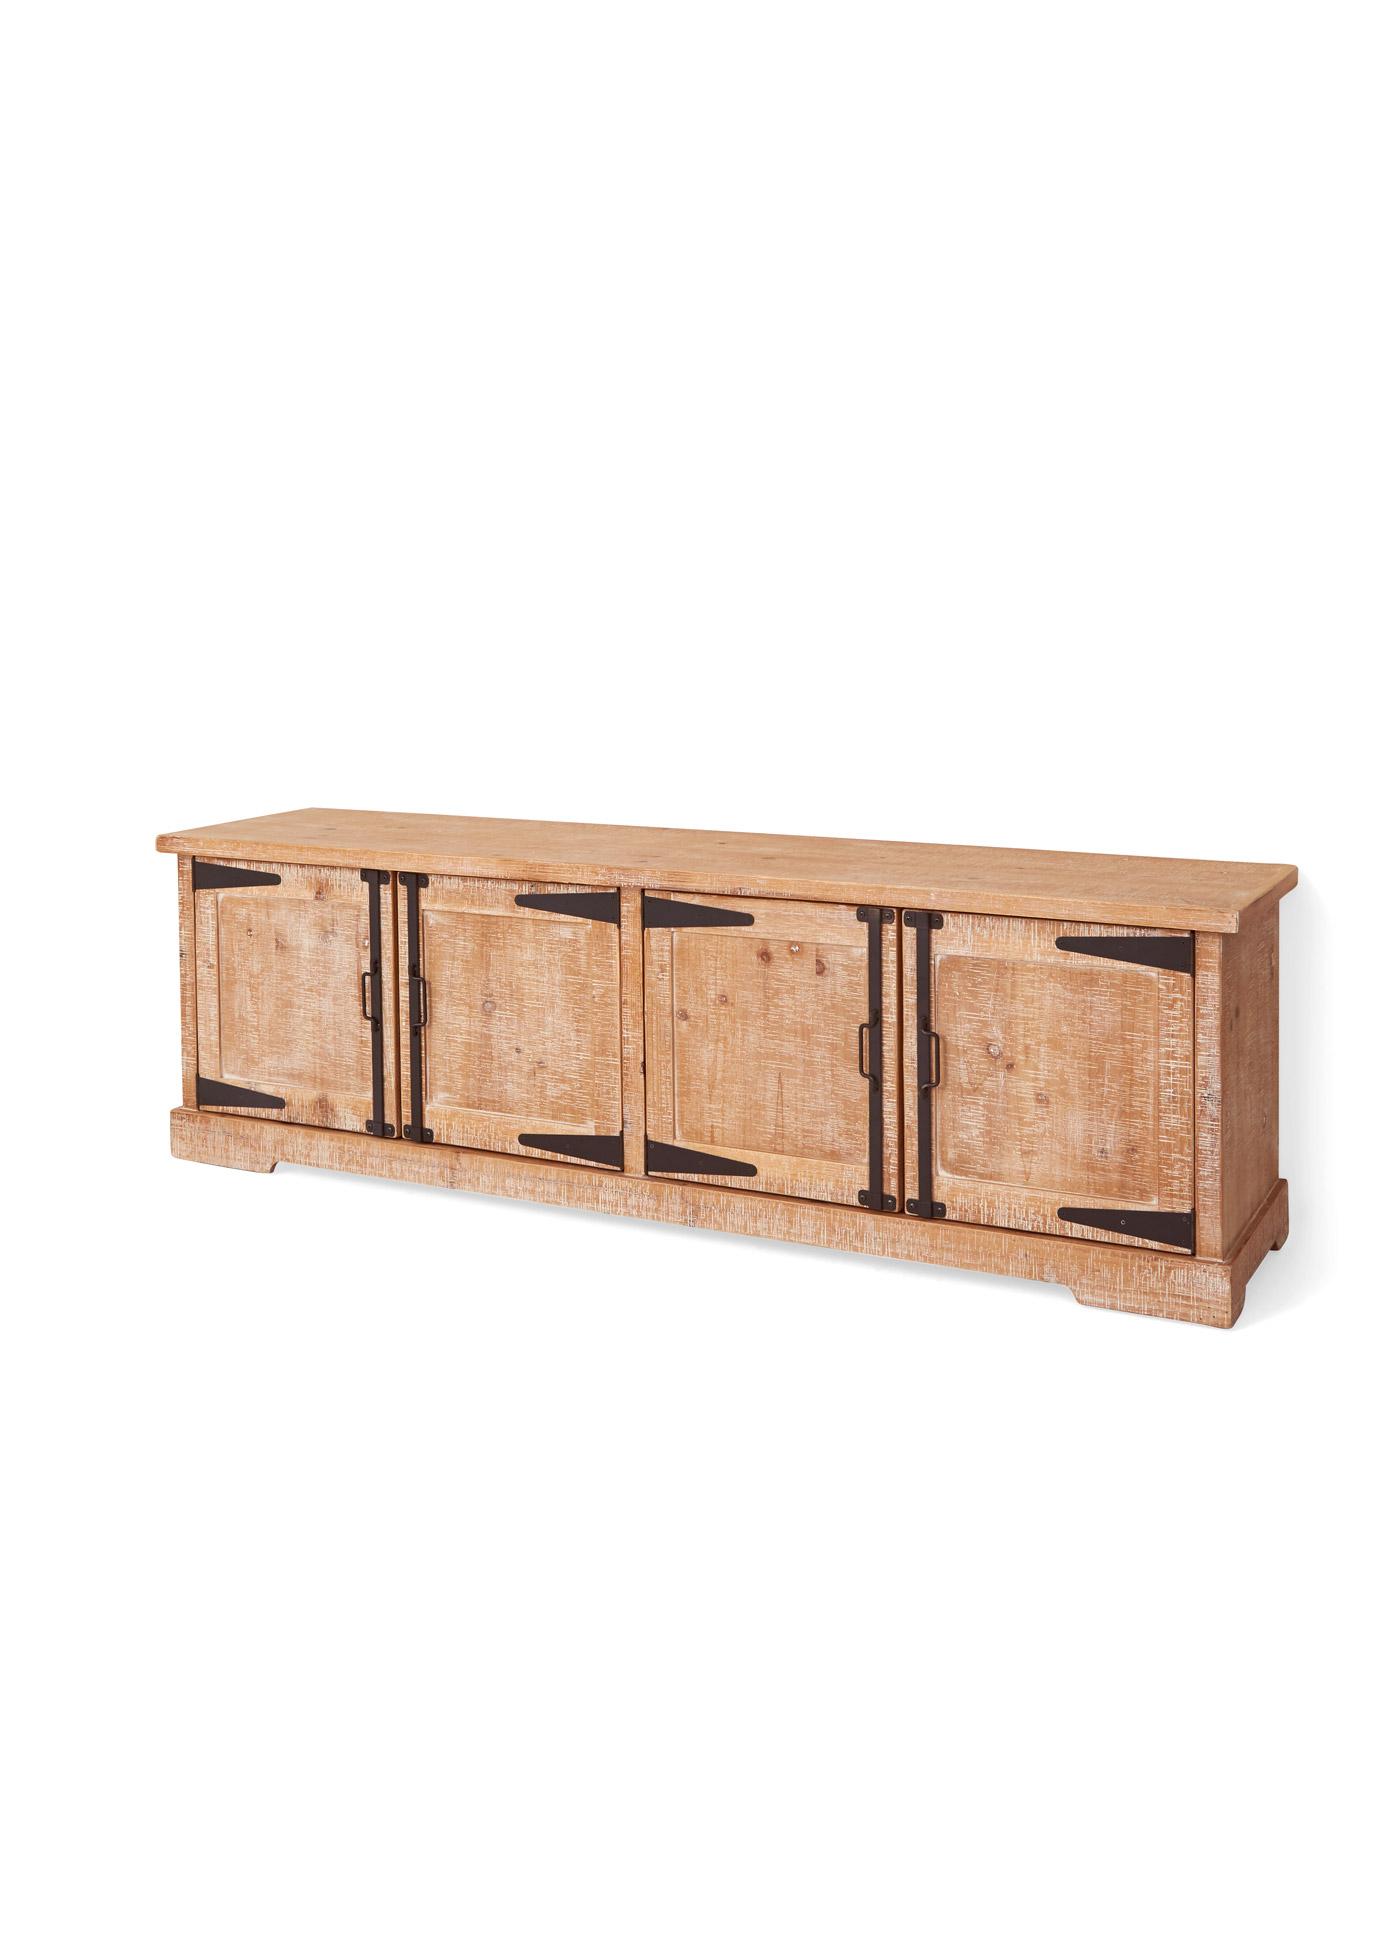 Mobile da soggiorno basso in legno - Colore naturale / bianco